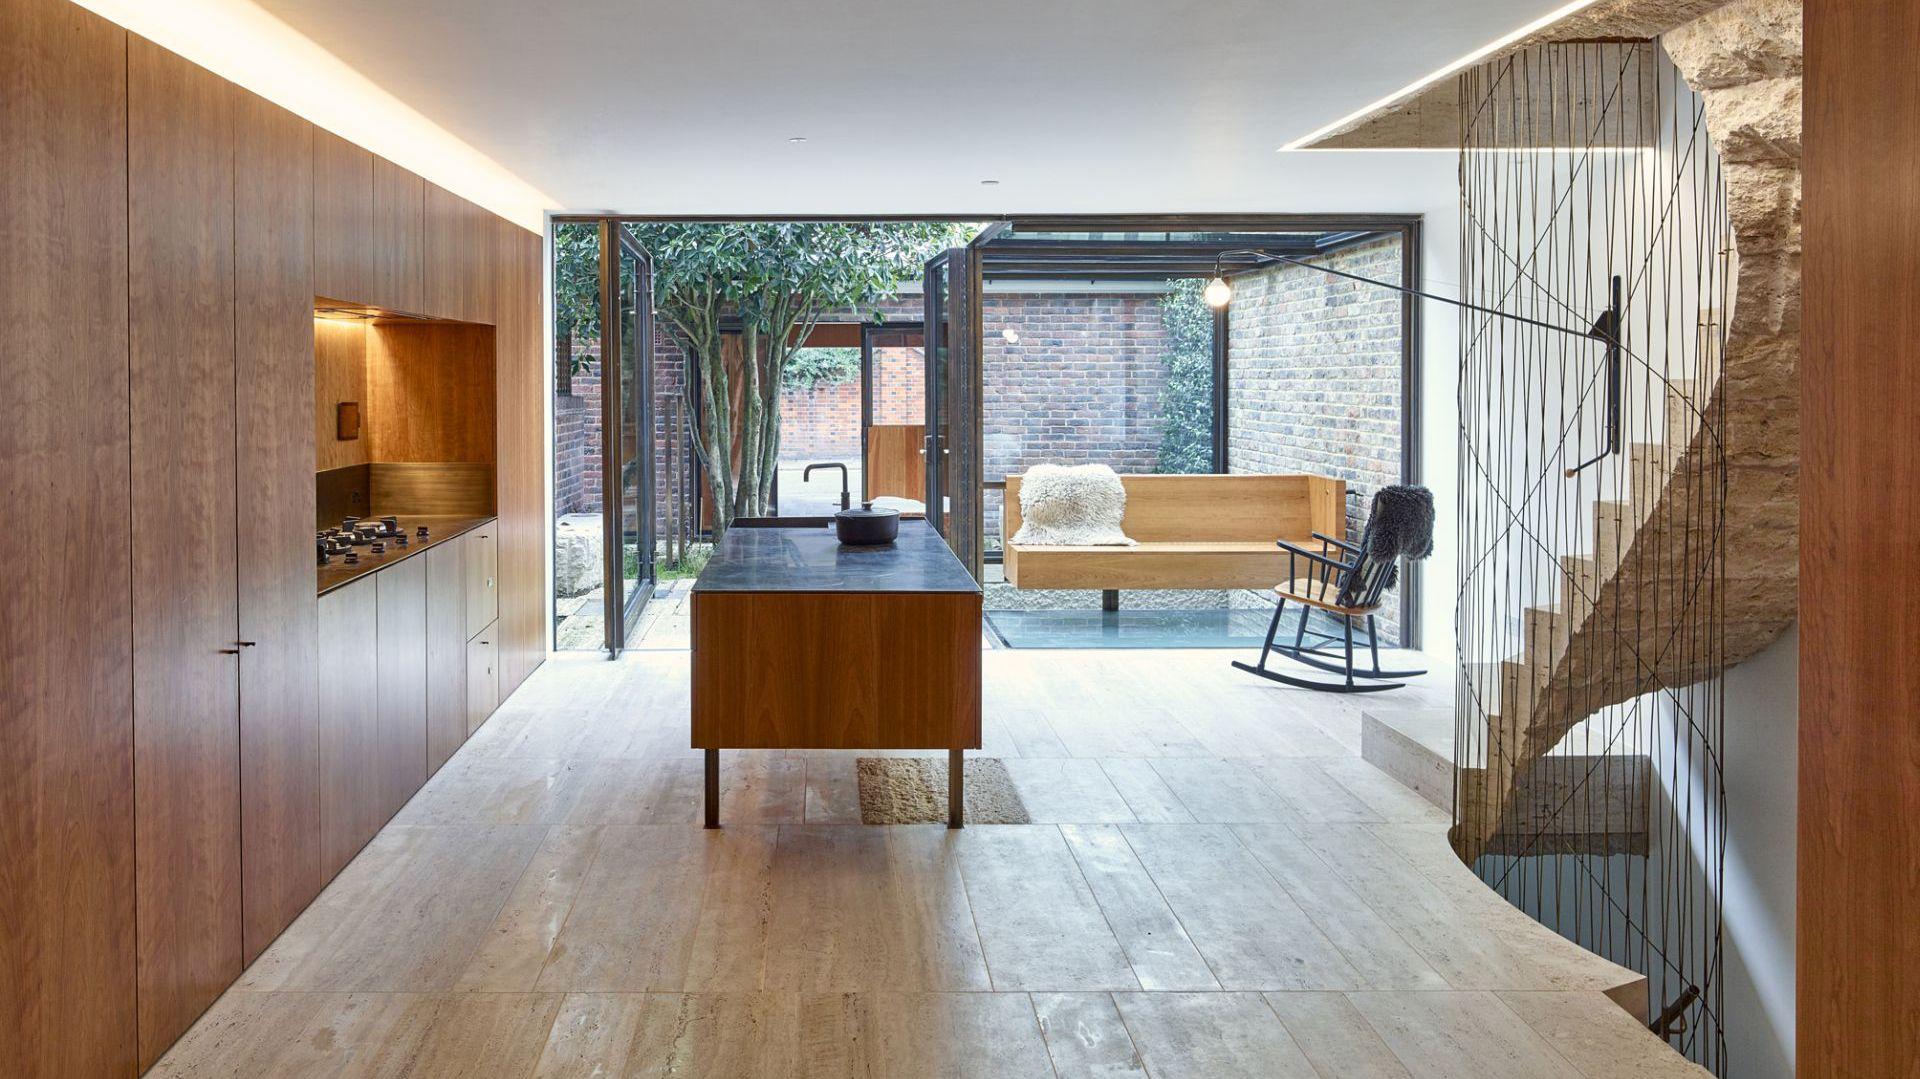 Stosując w wystroju tradycyjne drewno wiśni amerykańskiej w dużych przestrzeniach mieszkalnych udało się stworzyć stylowe, a jednocześnie przytulne wnętrza. Projekt i zdjęcia: Amin Taha Architects